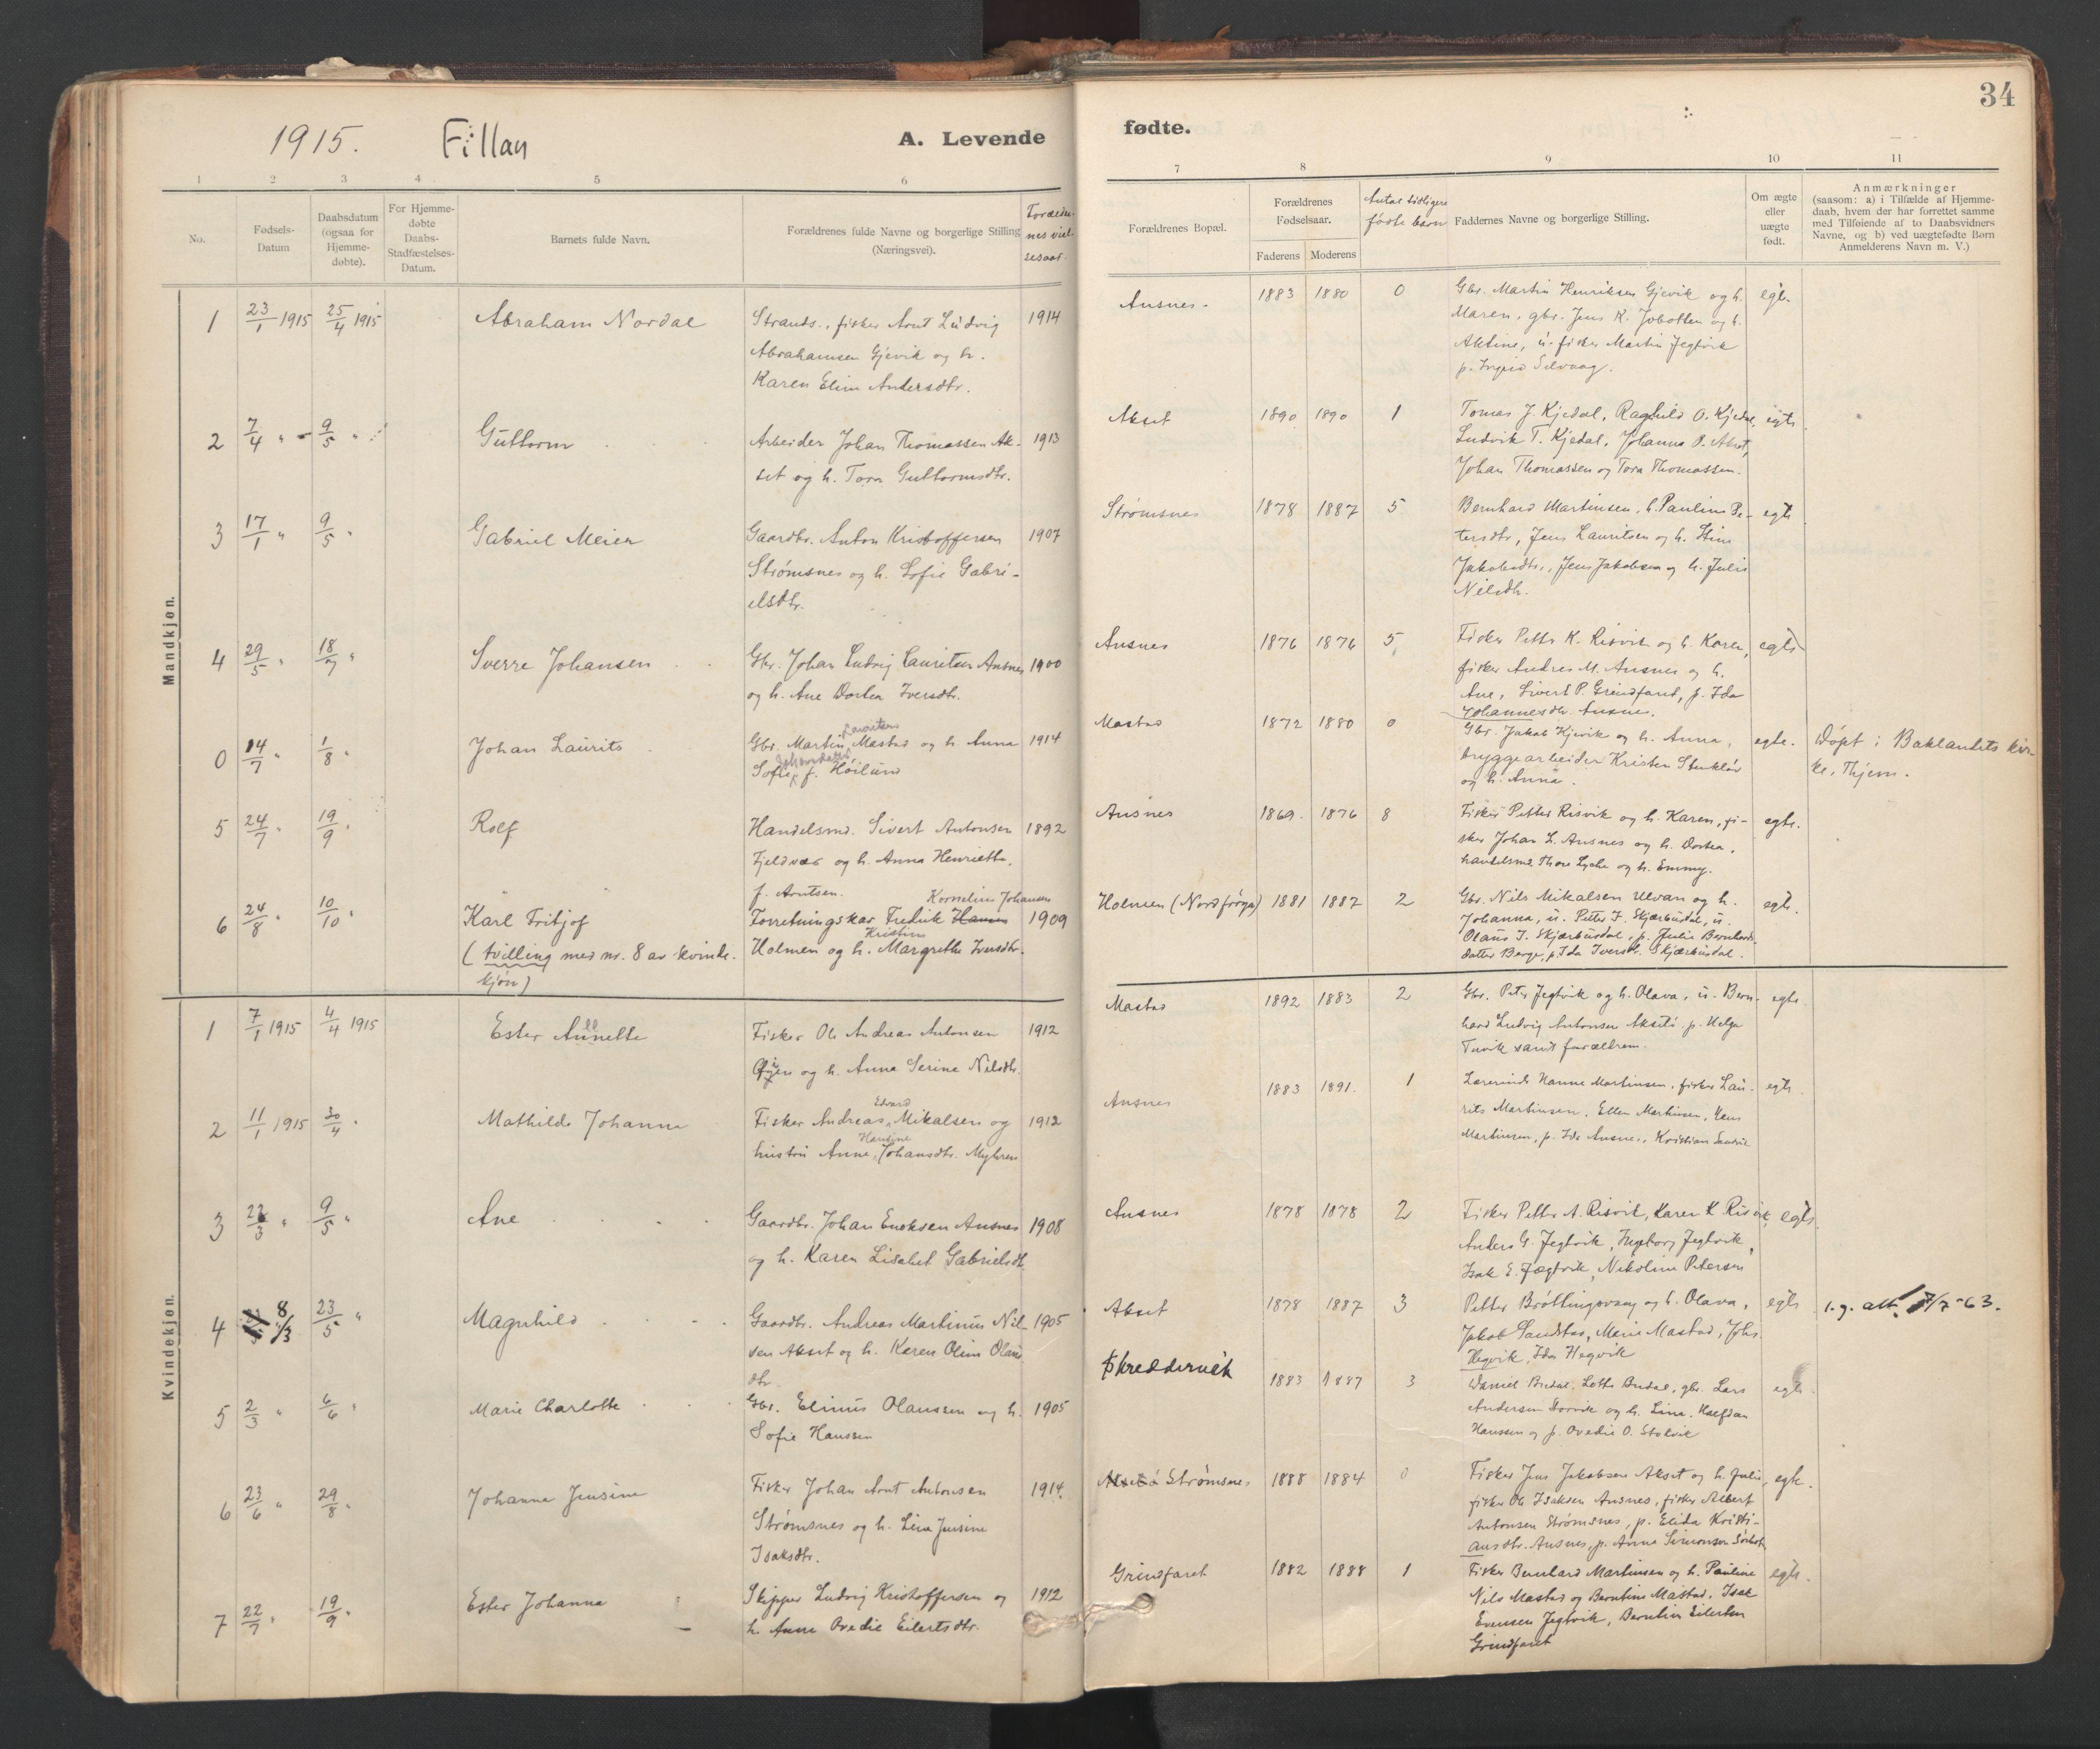 SAT, Ministerialprotokoller, klokkerbøker og fødselsregistre - Sør-Trøndelag, 637/L0559: Ministerialbok nr. 637A02, 1899-1923, s. 34